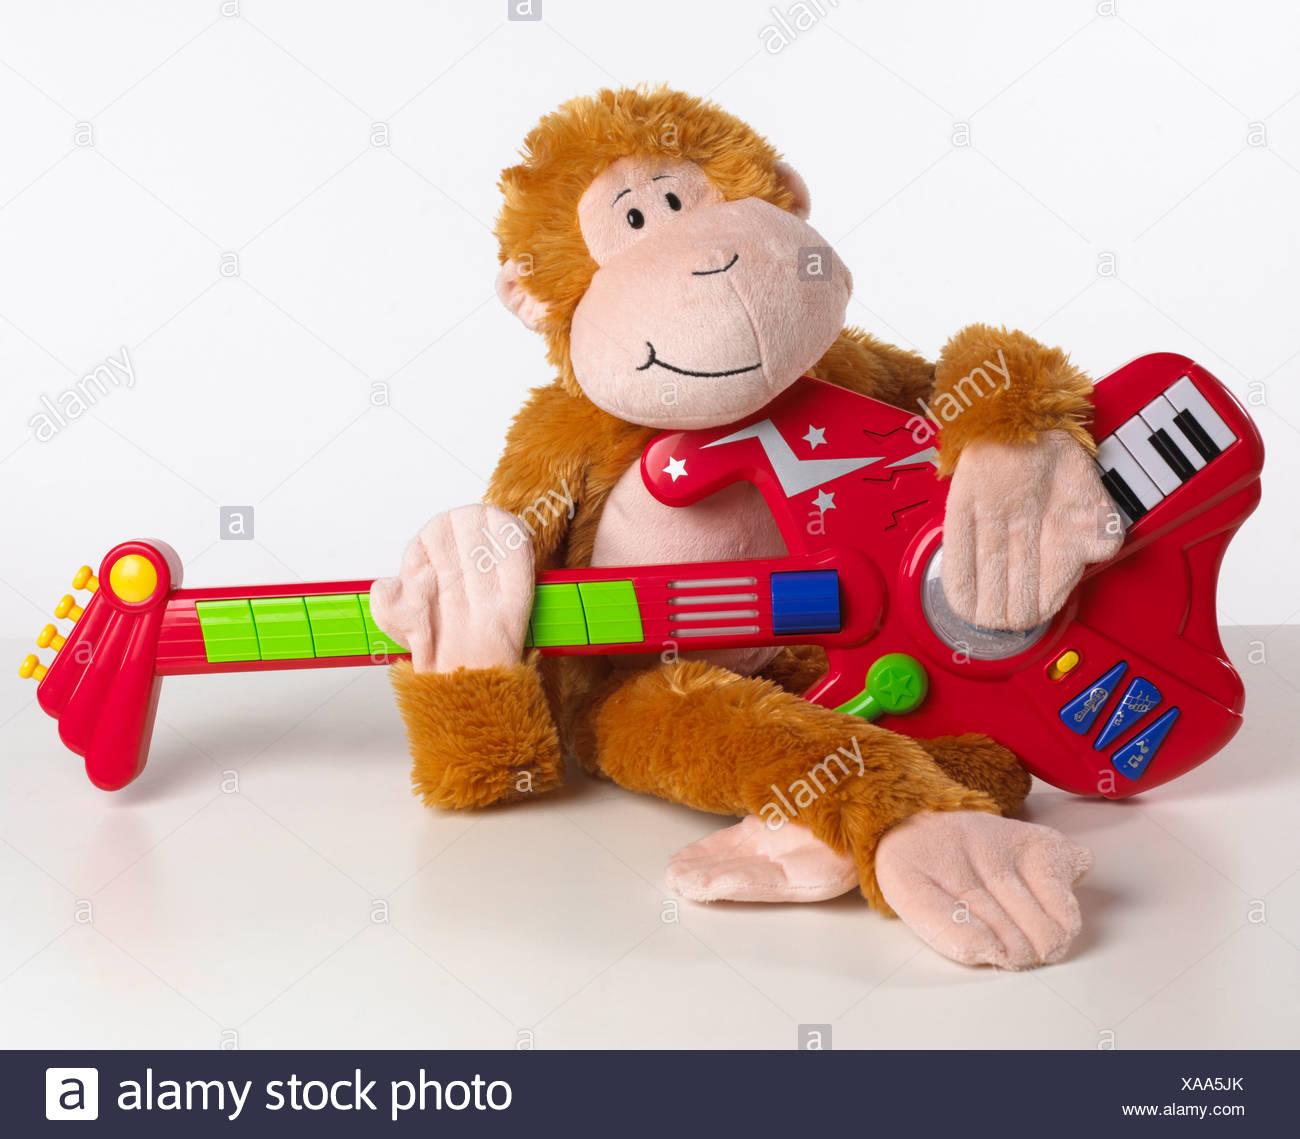 Spielzeug Affen spielen Gitarre, close-up Stockbild